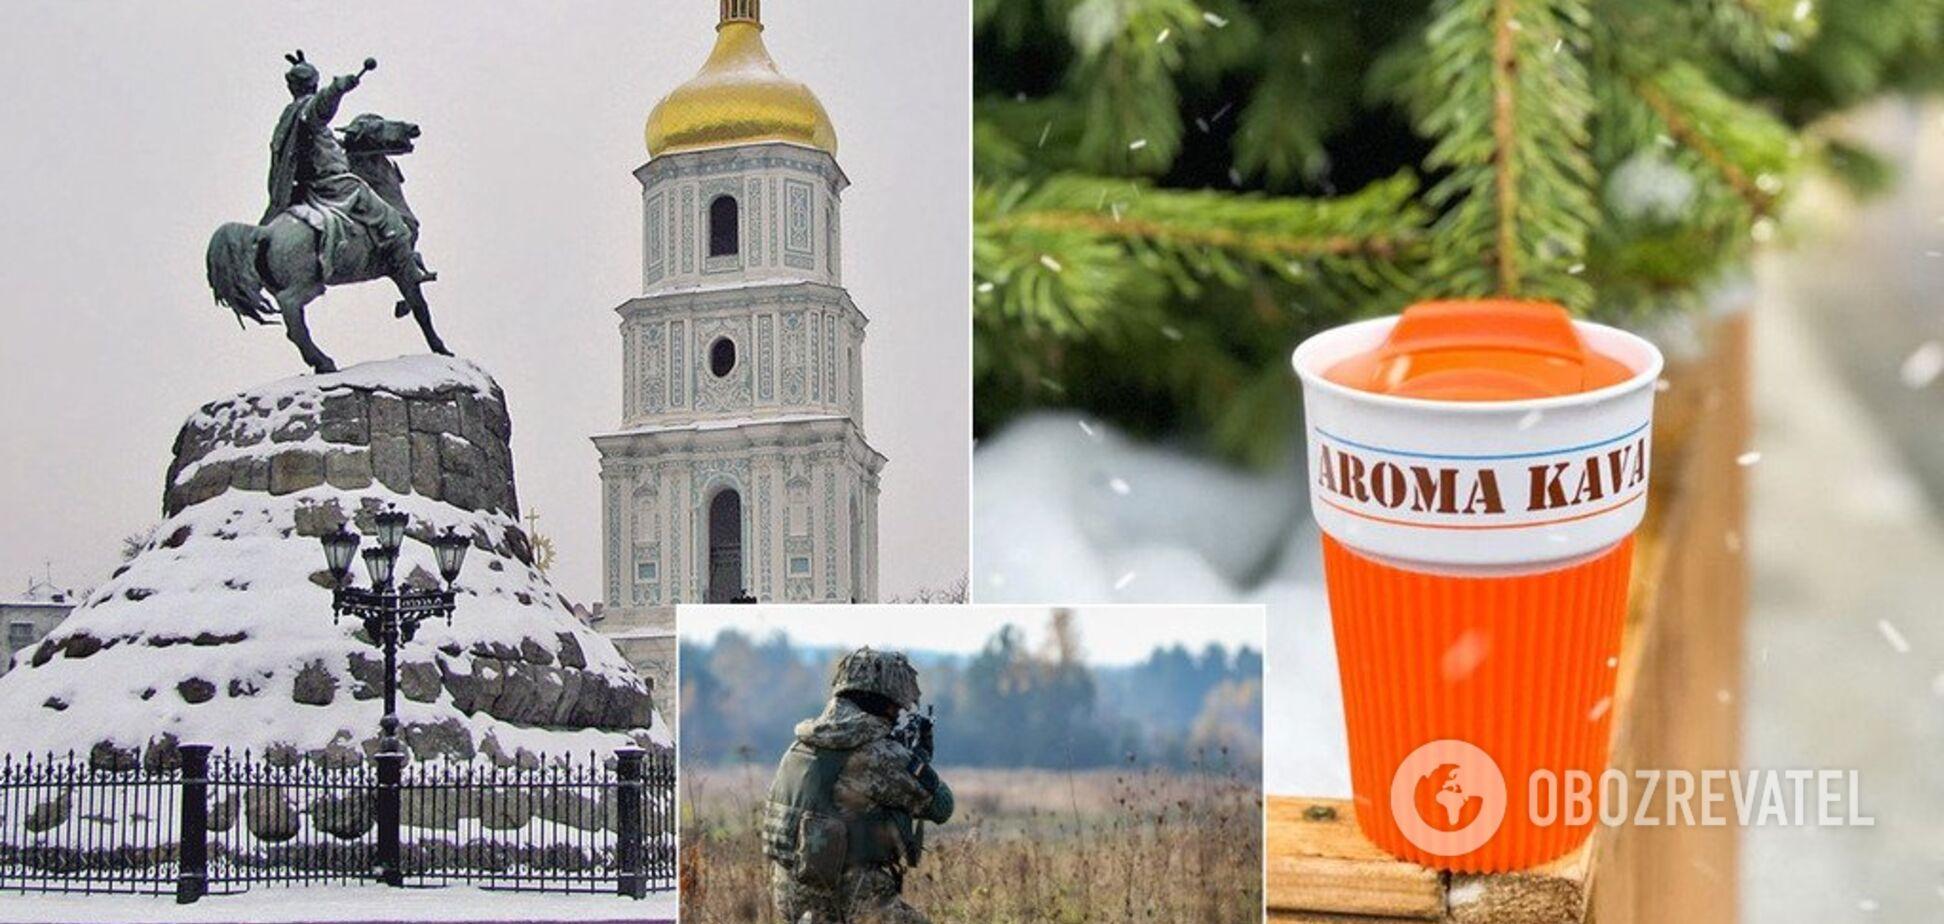 Скандал в Aroma Kava с ветераном АТО в Киеве получил справедливый финал